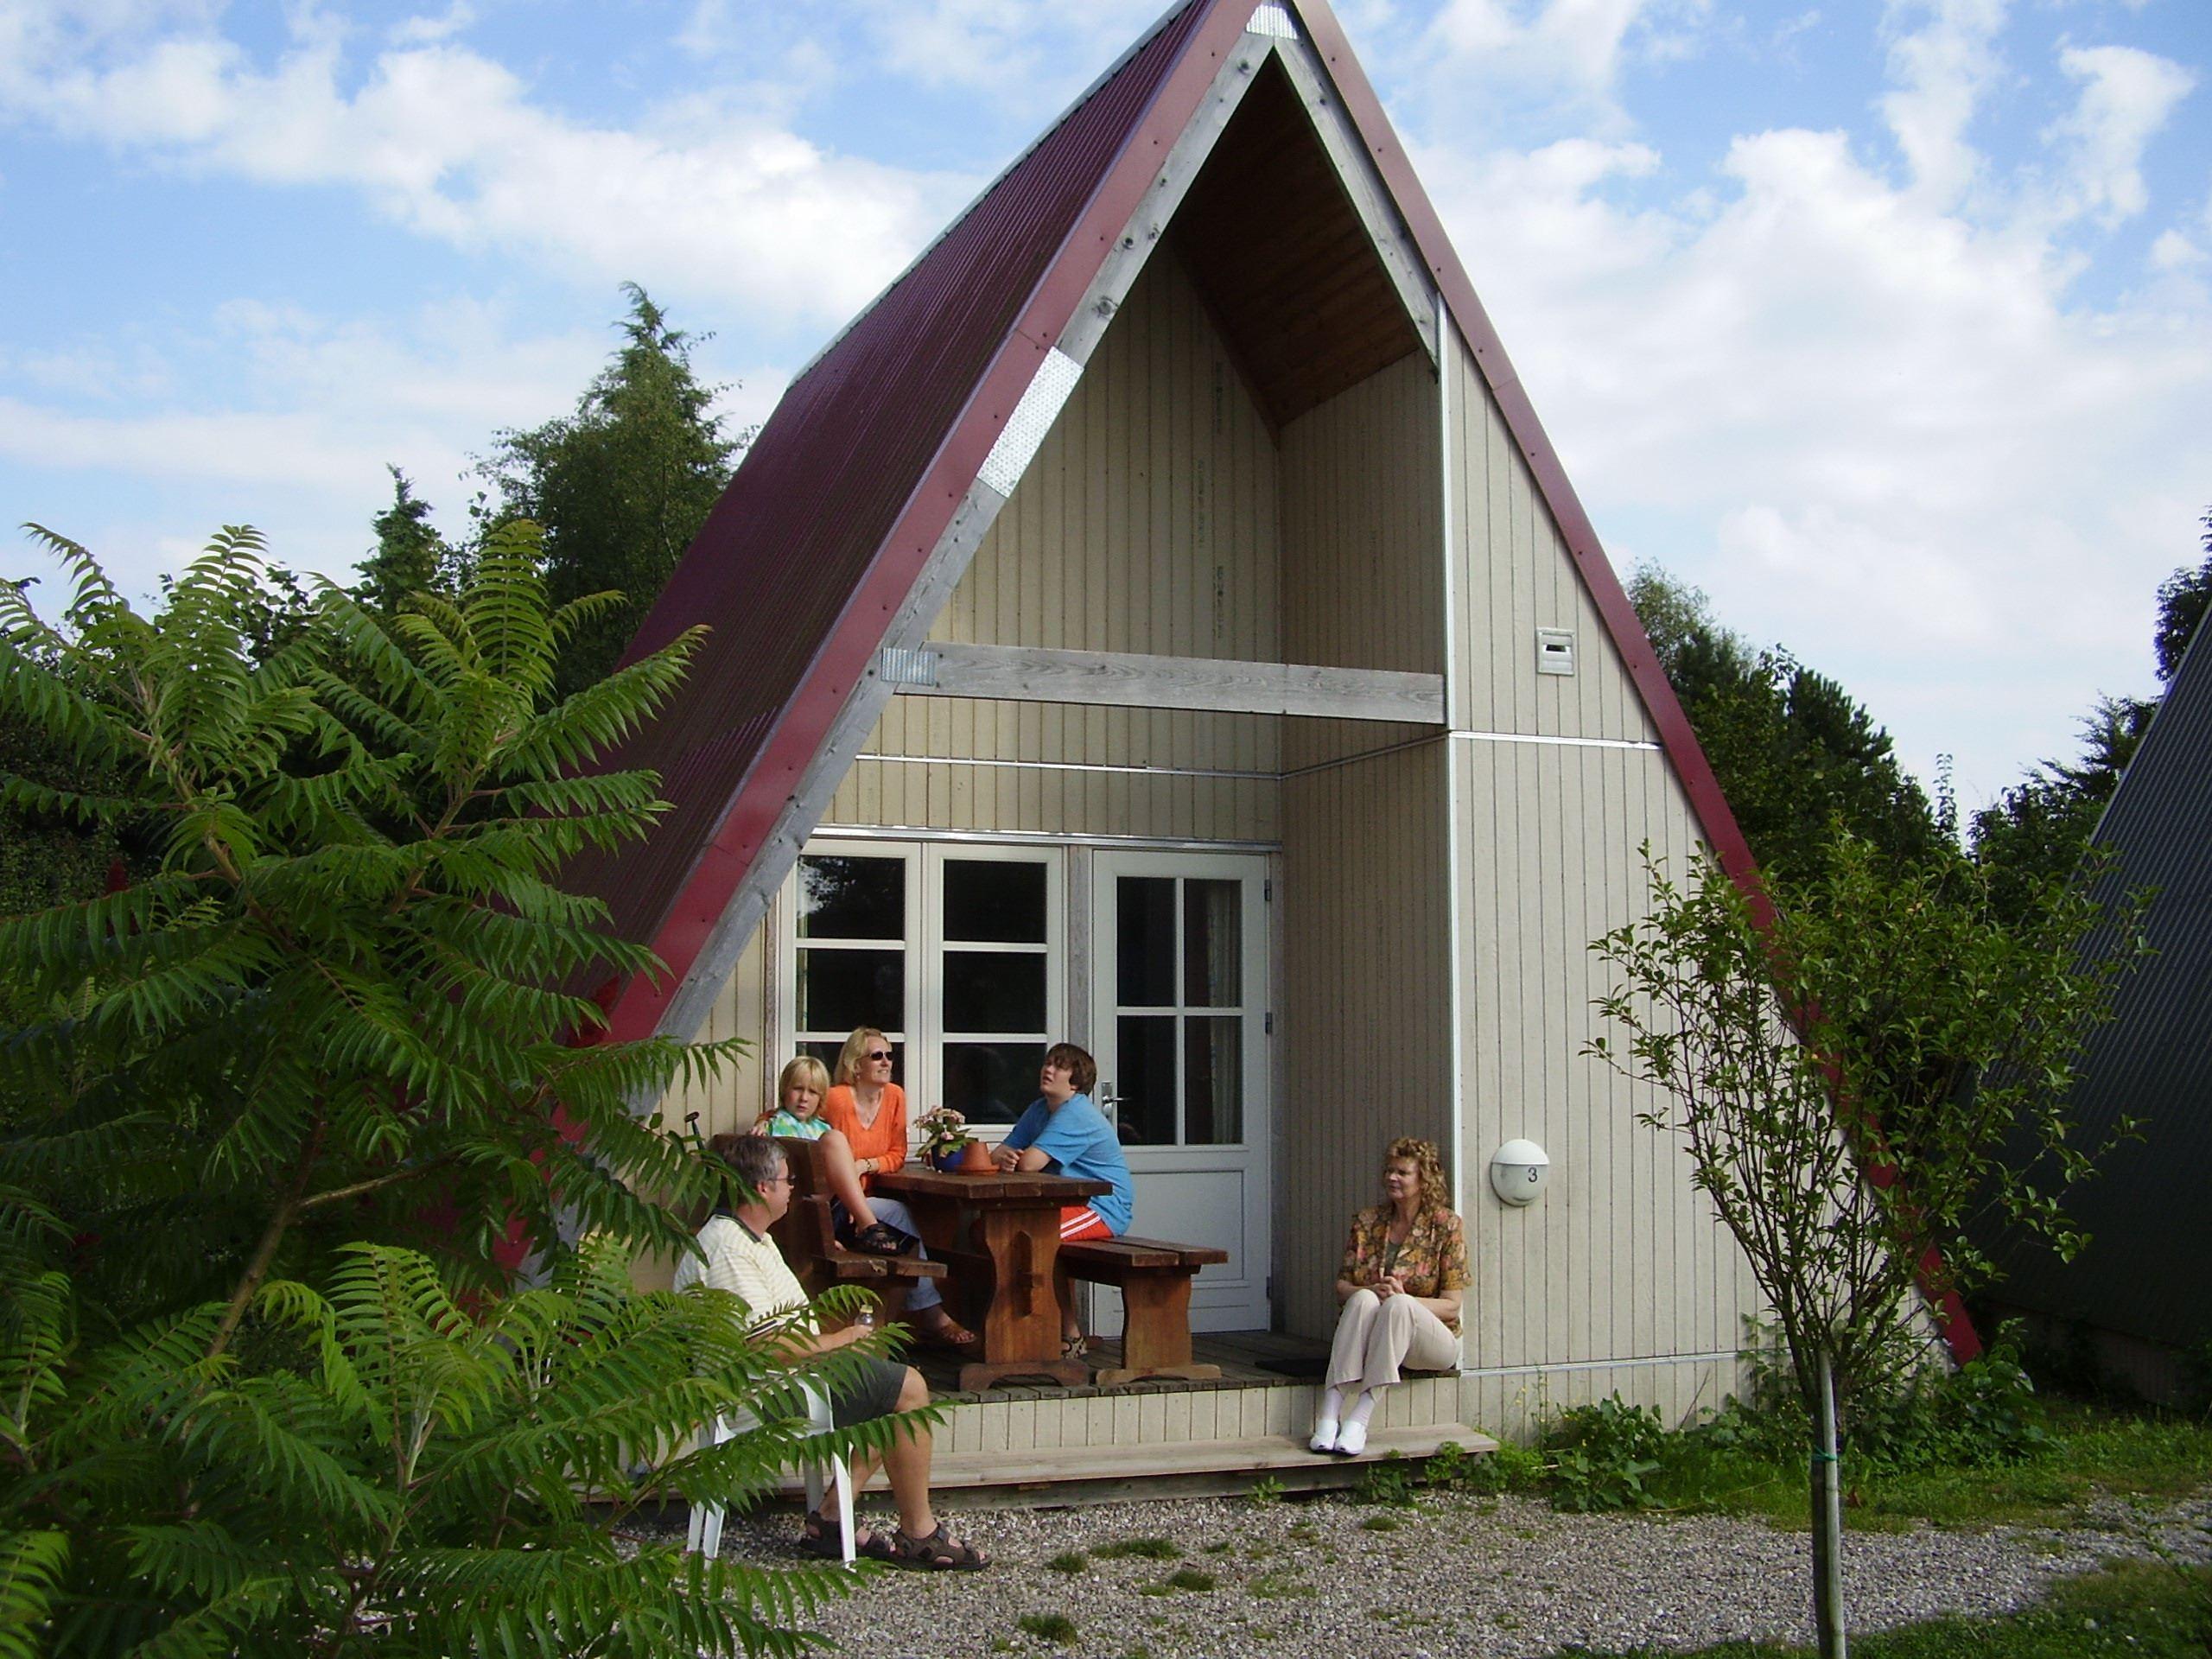 Danhostel Vollerup Universe cottage